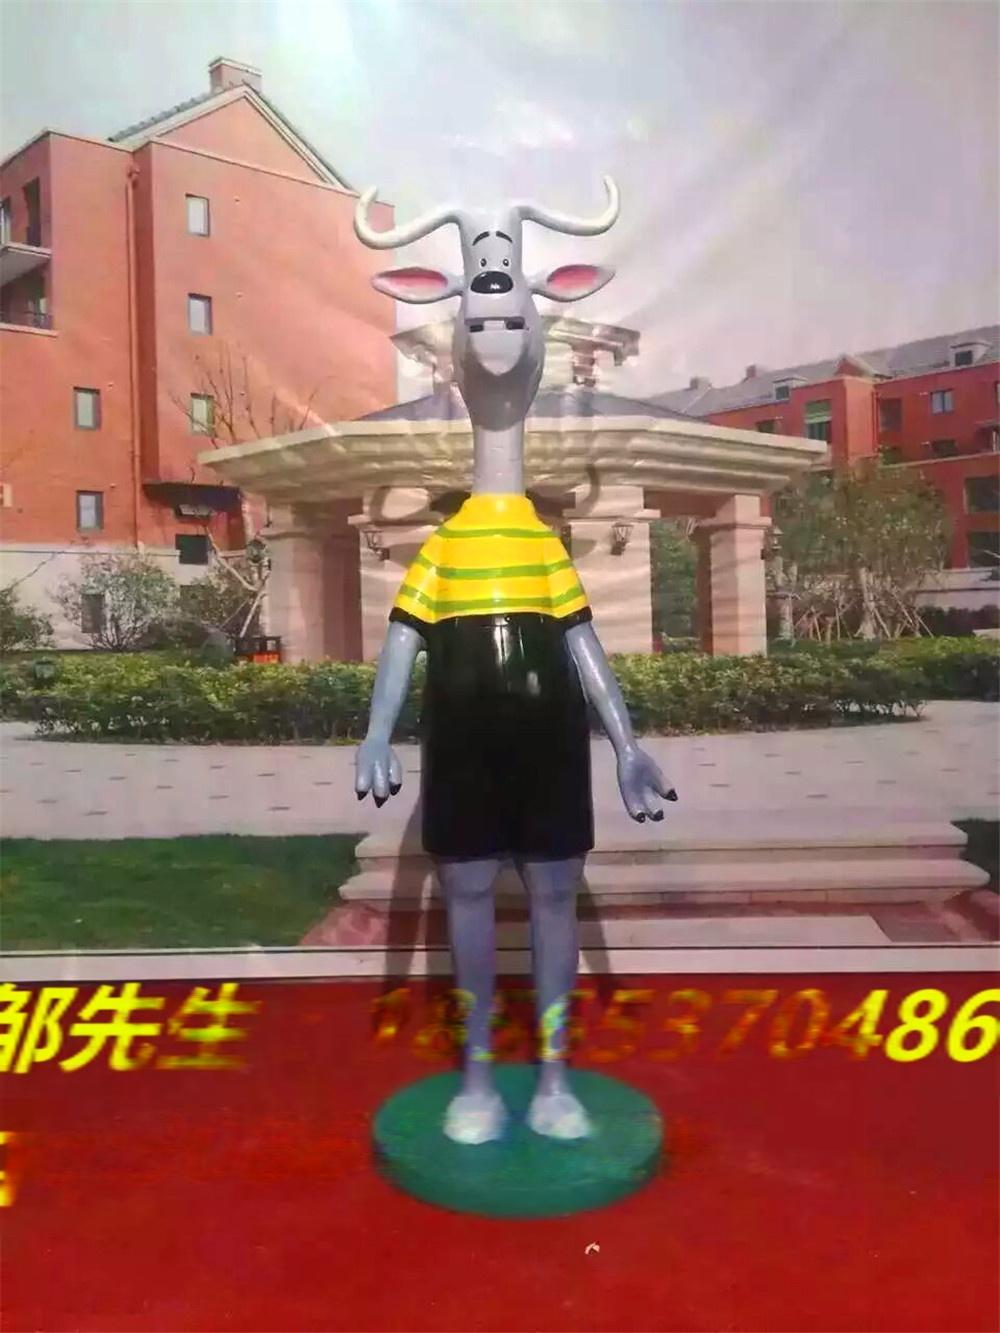 瘋狂動物園雕塑 卡通人物 玻璃鋼瘋狂動物園卡通獅市長擺設定做描述: 瘋狂動物園雕塑是根據最近很火的動畫人物改變雕塑出來,根據電影的角色,雕塑出不通的角色人物,是我司新出的玻璃鋼卡通人物雕塑新產品。 瘋狂動物園雕塑是雕塑的一種形式,它和園林雕塑、城市雕塑、校園雕塑類似。廣場雕塑主要應用在園林、廣場、公園等地,作爲裝飾品出現在廣場上。廣場雕塑可以供人們欣賞,美化心靈。